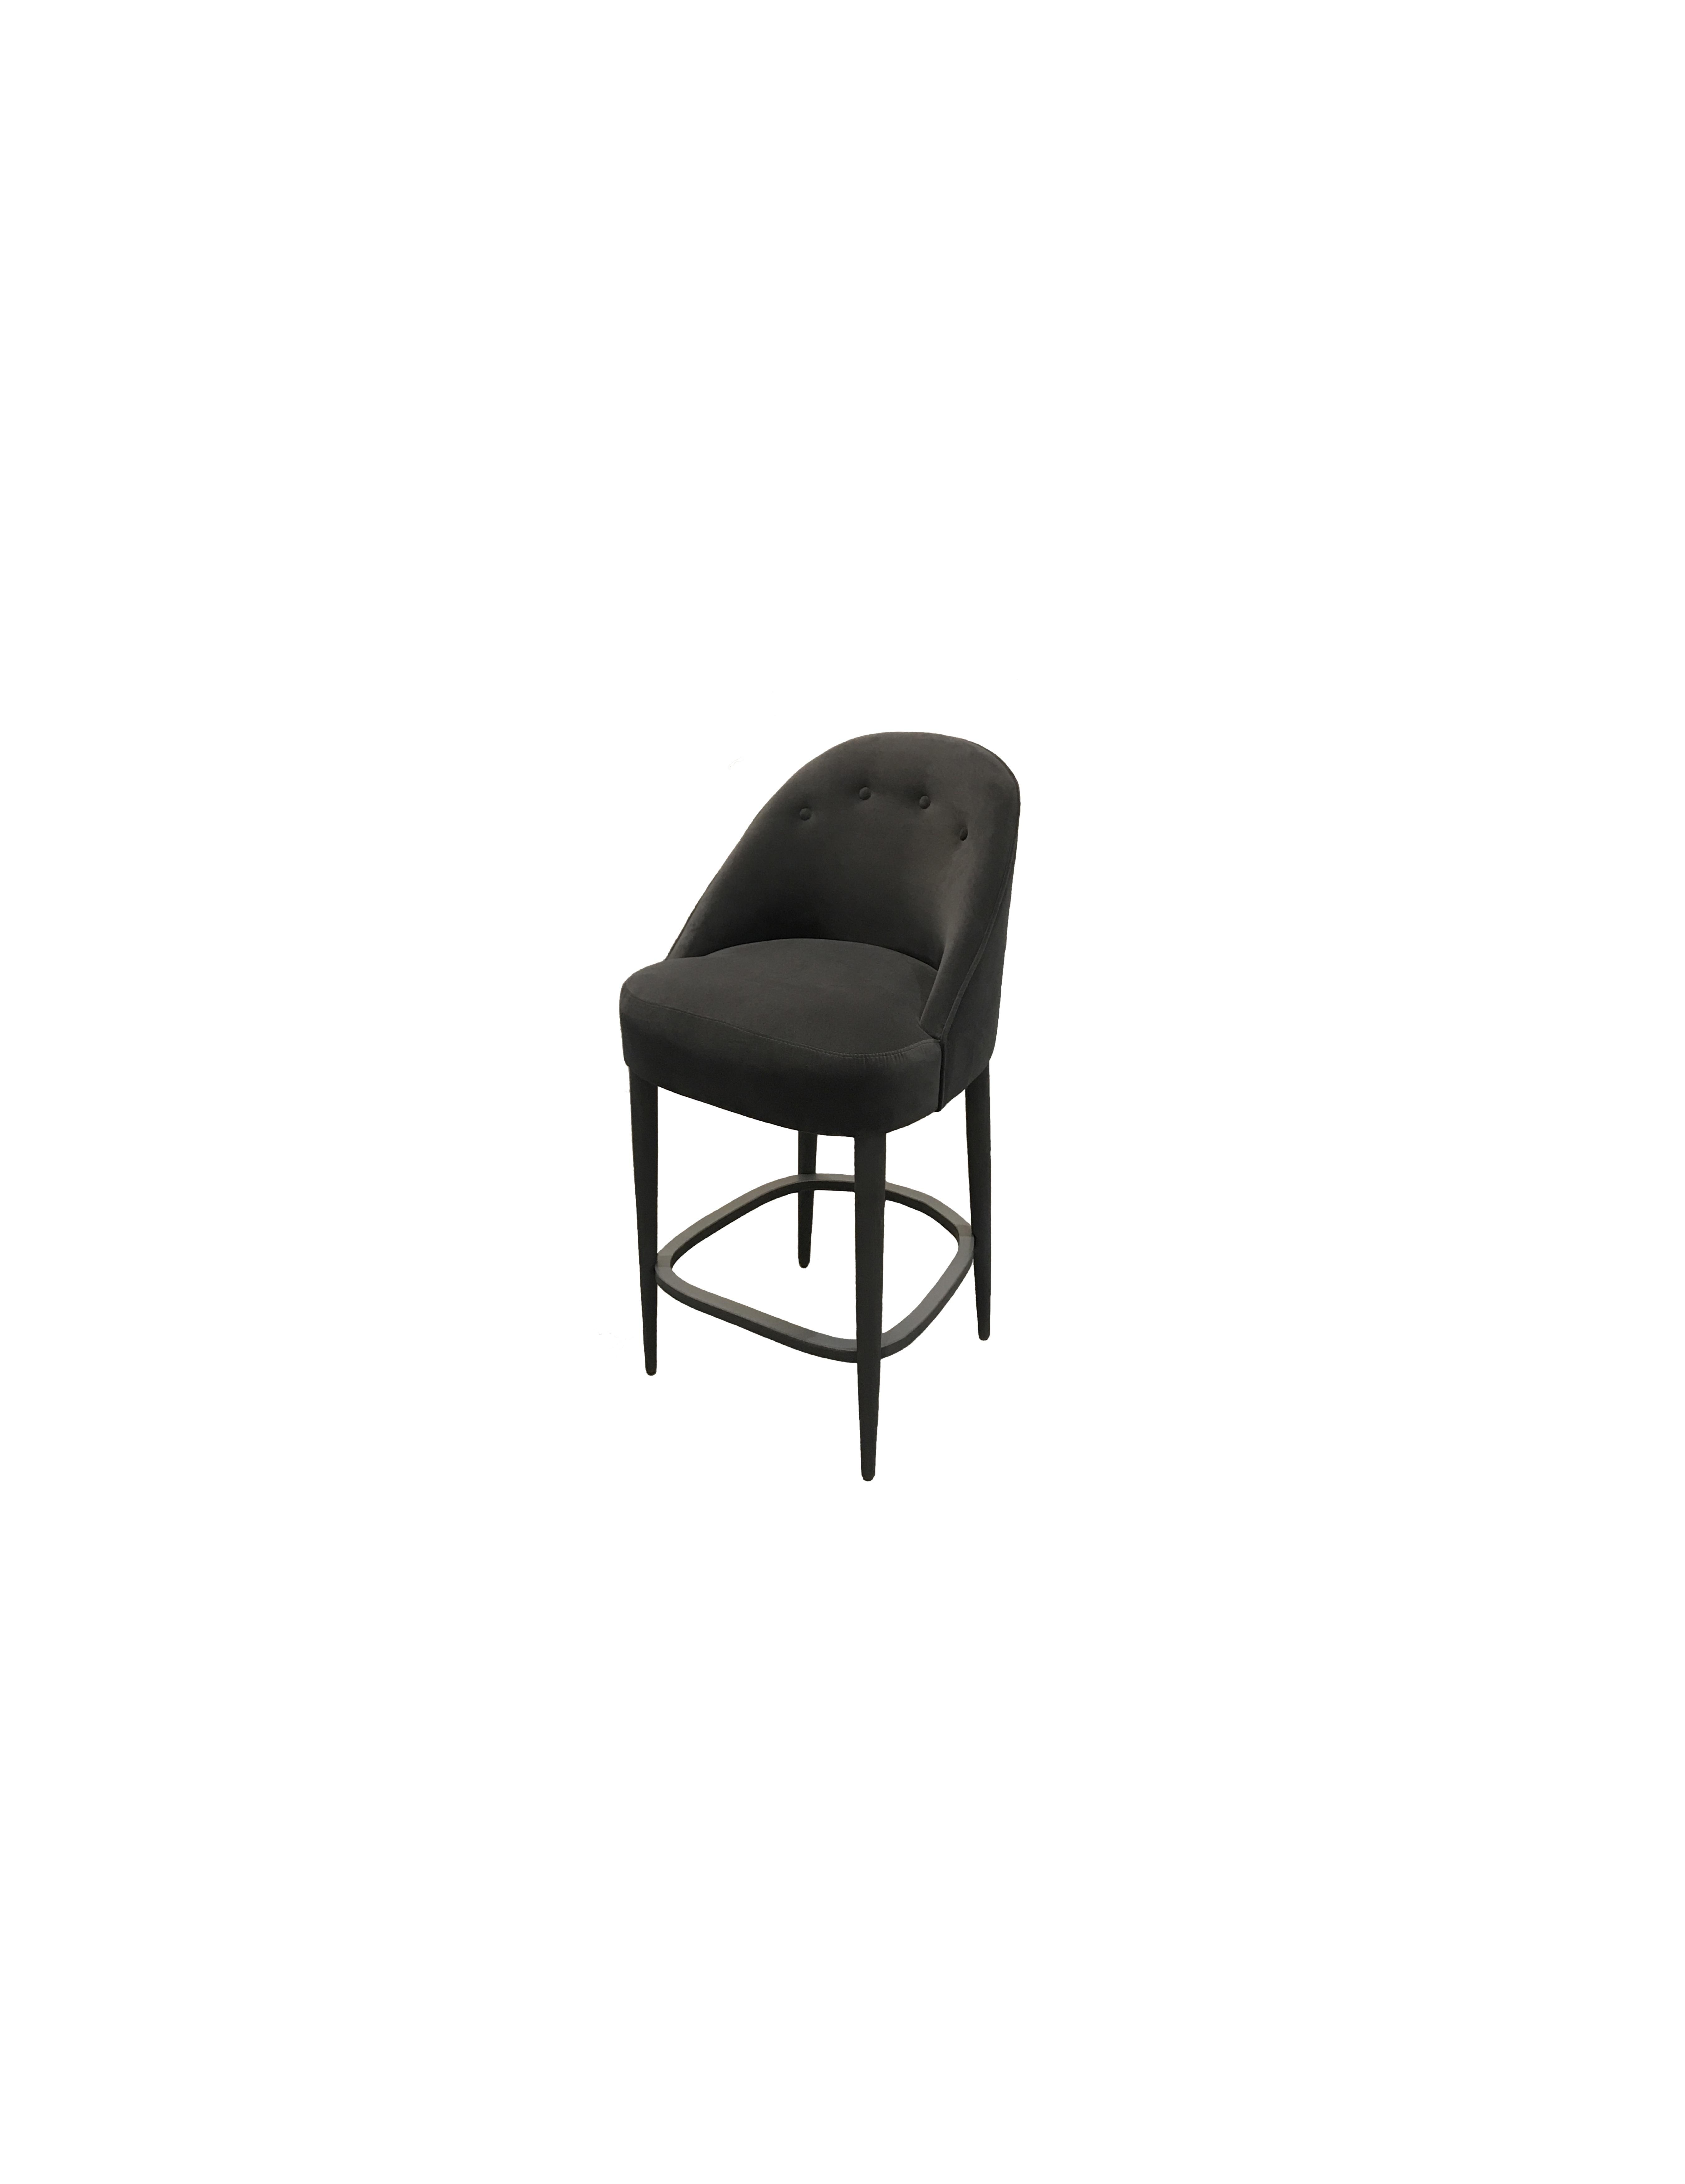 Stark stool